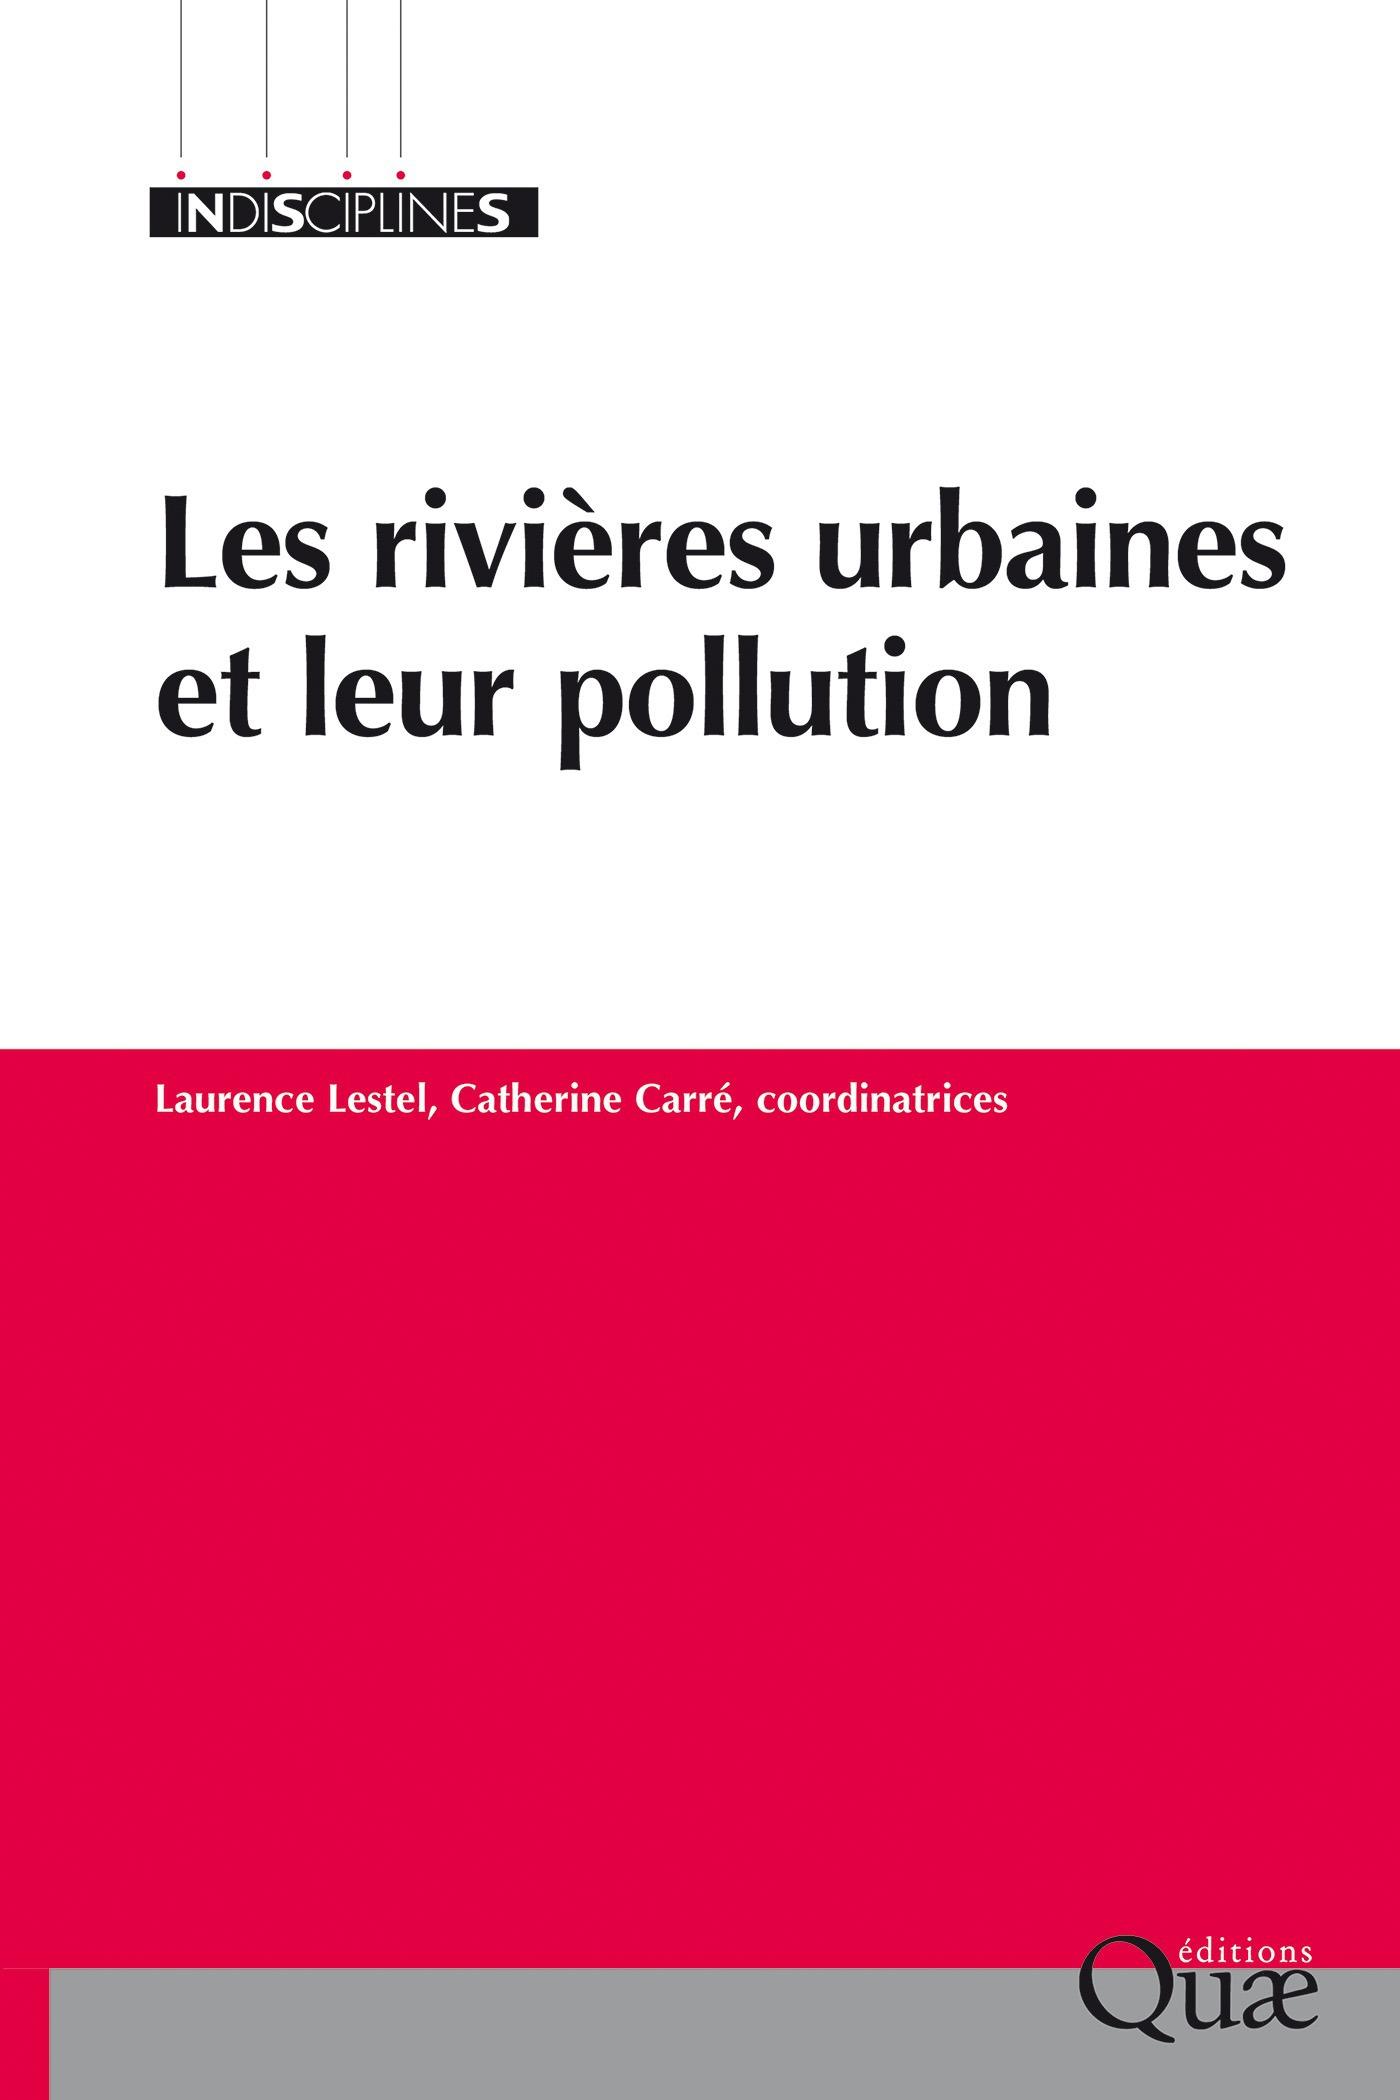 Les rivières urbaines et leur pollution